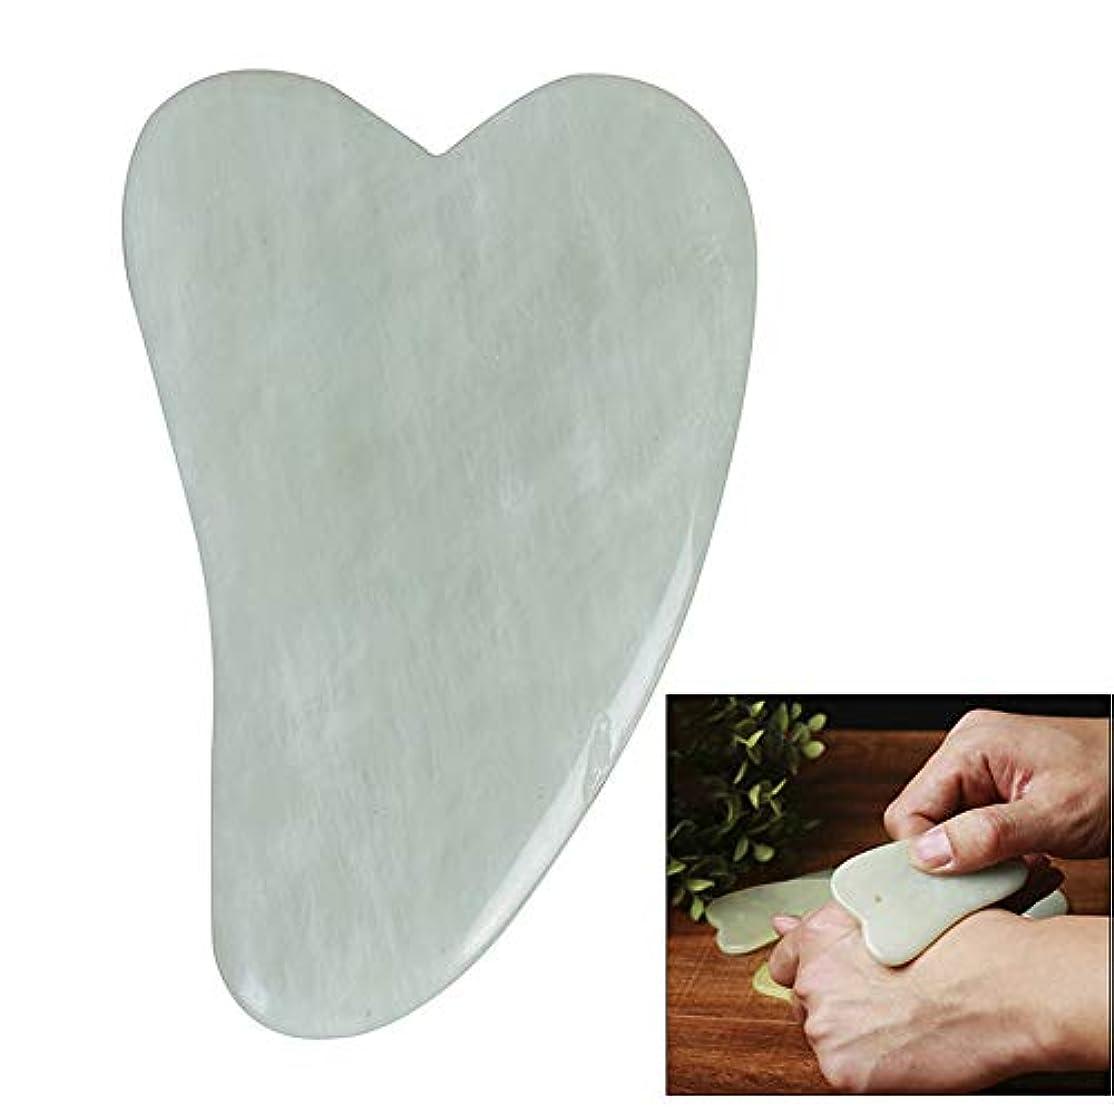 私たちの刺激するレンダリングナチュラル玉石グアシャ削り板ボディケアマッサージツールスパ鍼スクレーパー用背面アーム脚